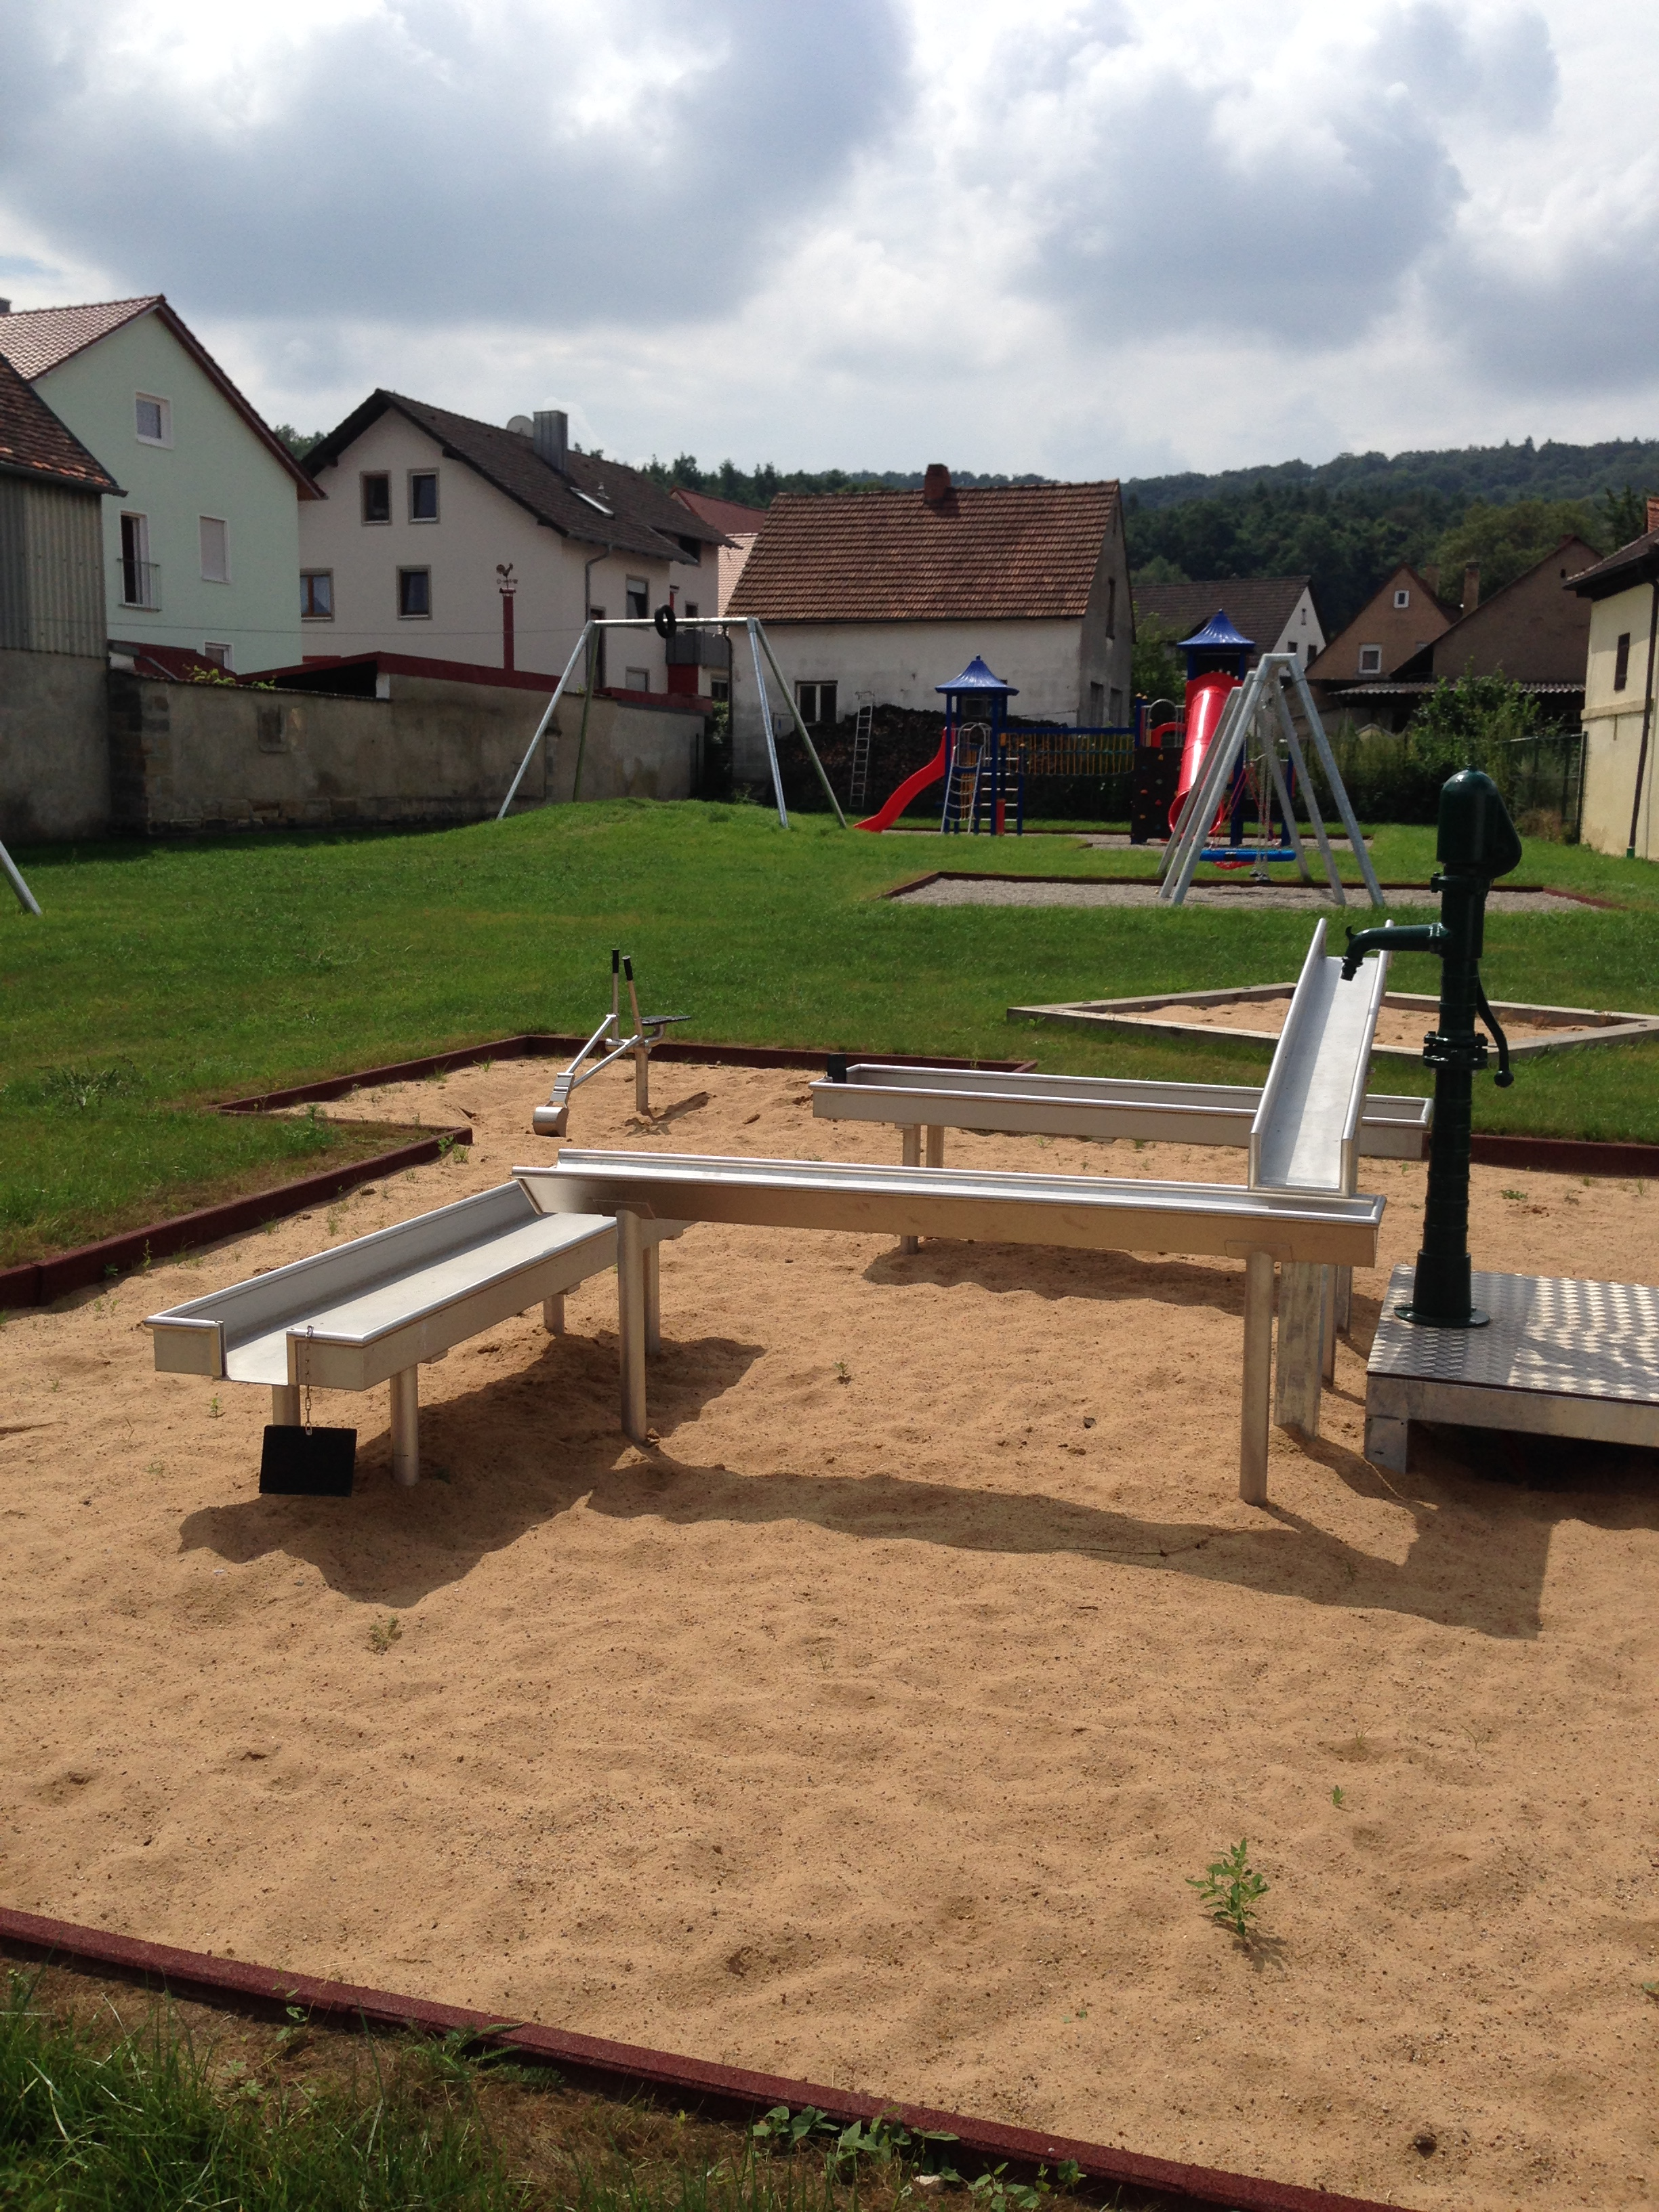 BNL 160724_Spielplatz Höfen-1